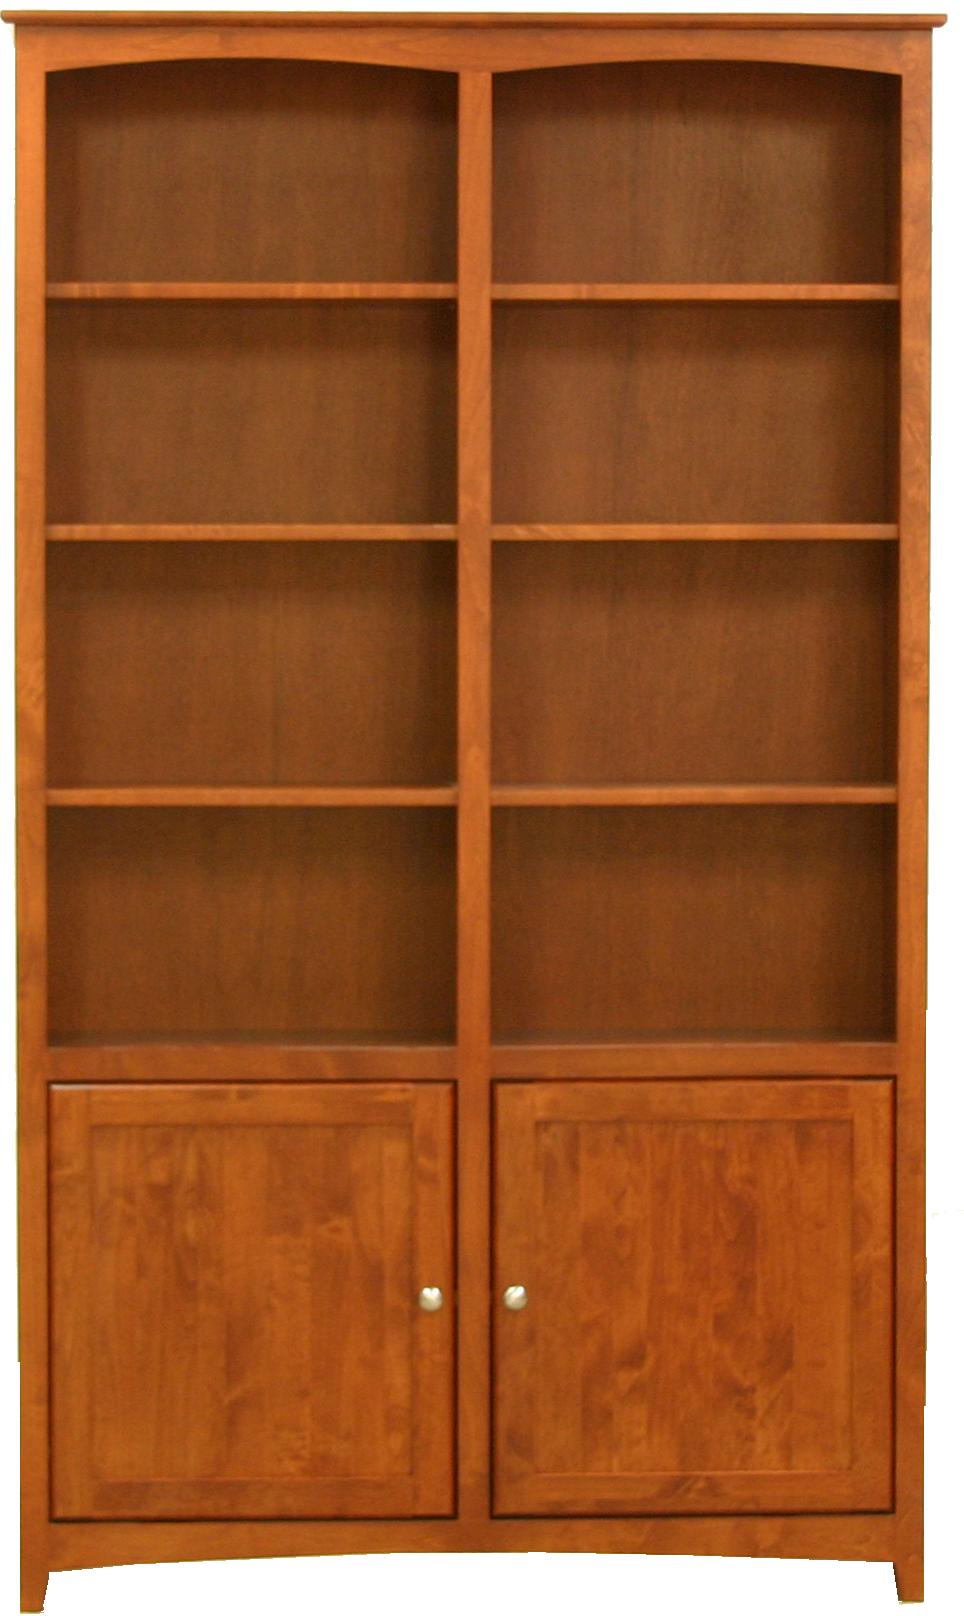 Accessories Mako Wood Furniture Inc